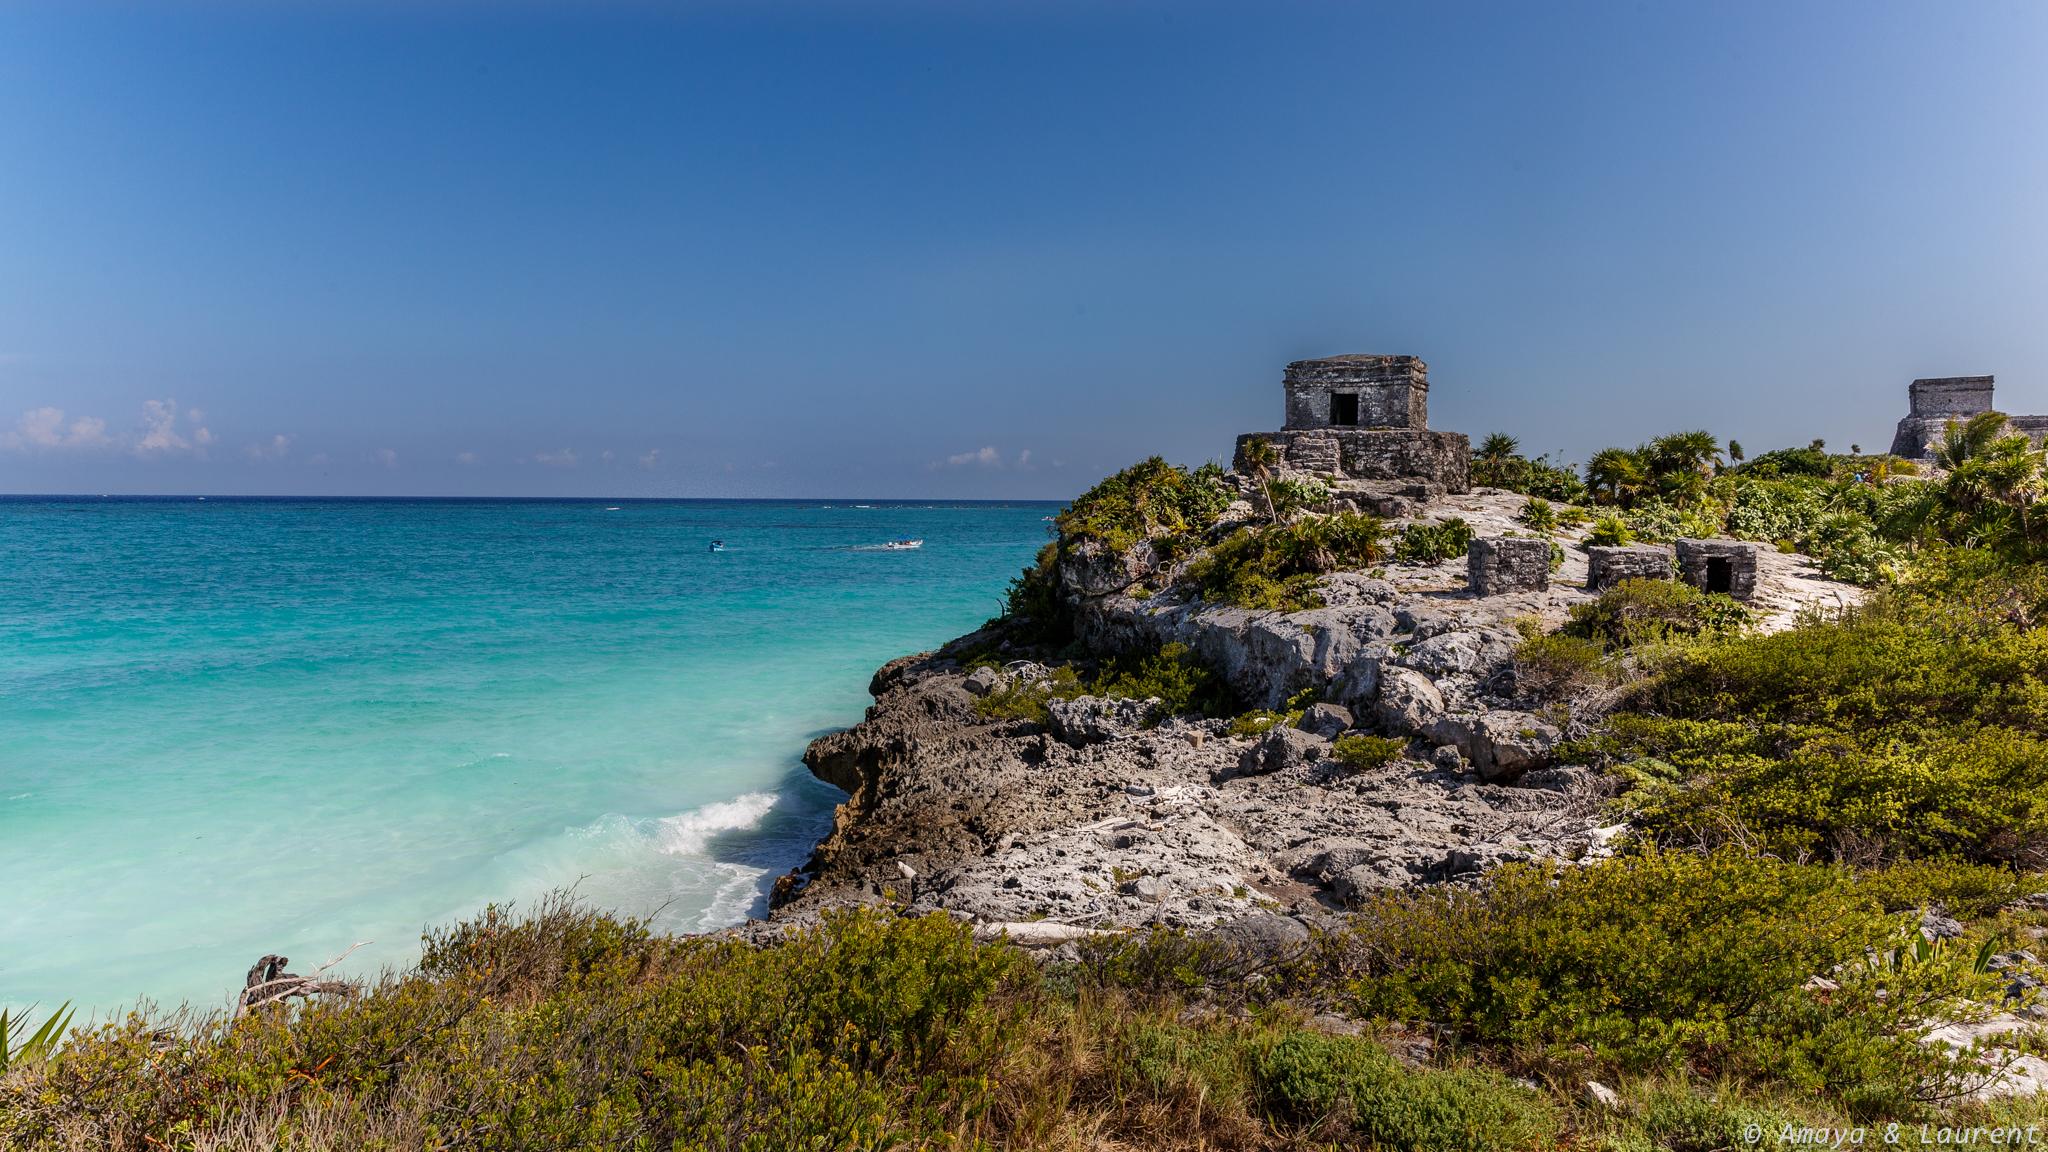 Mexique : Tulum, ses ruines, ses plages